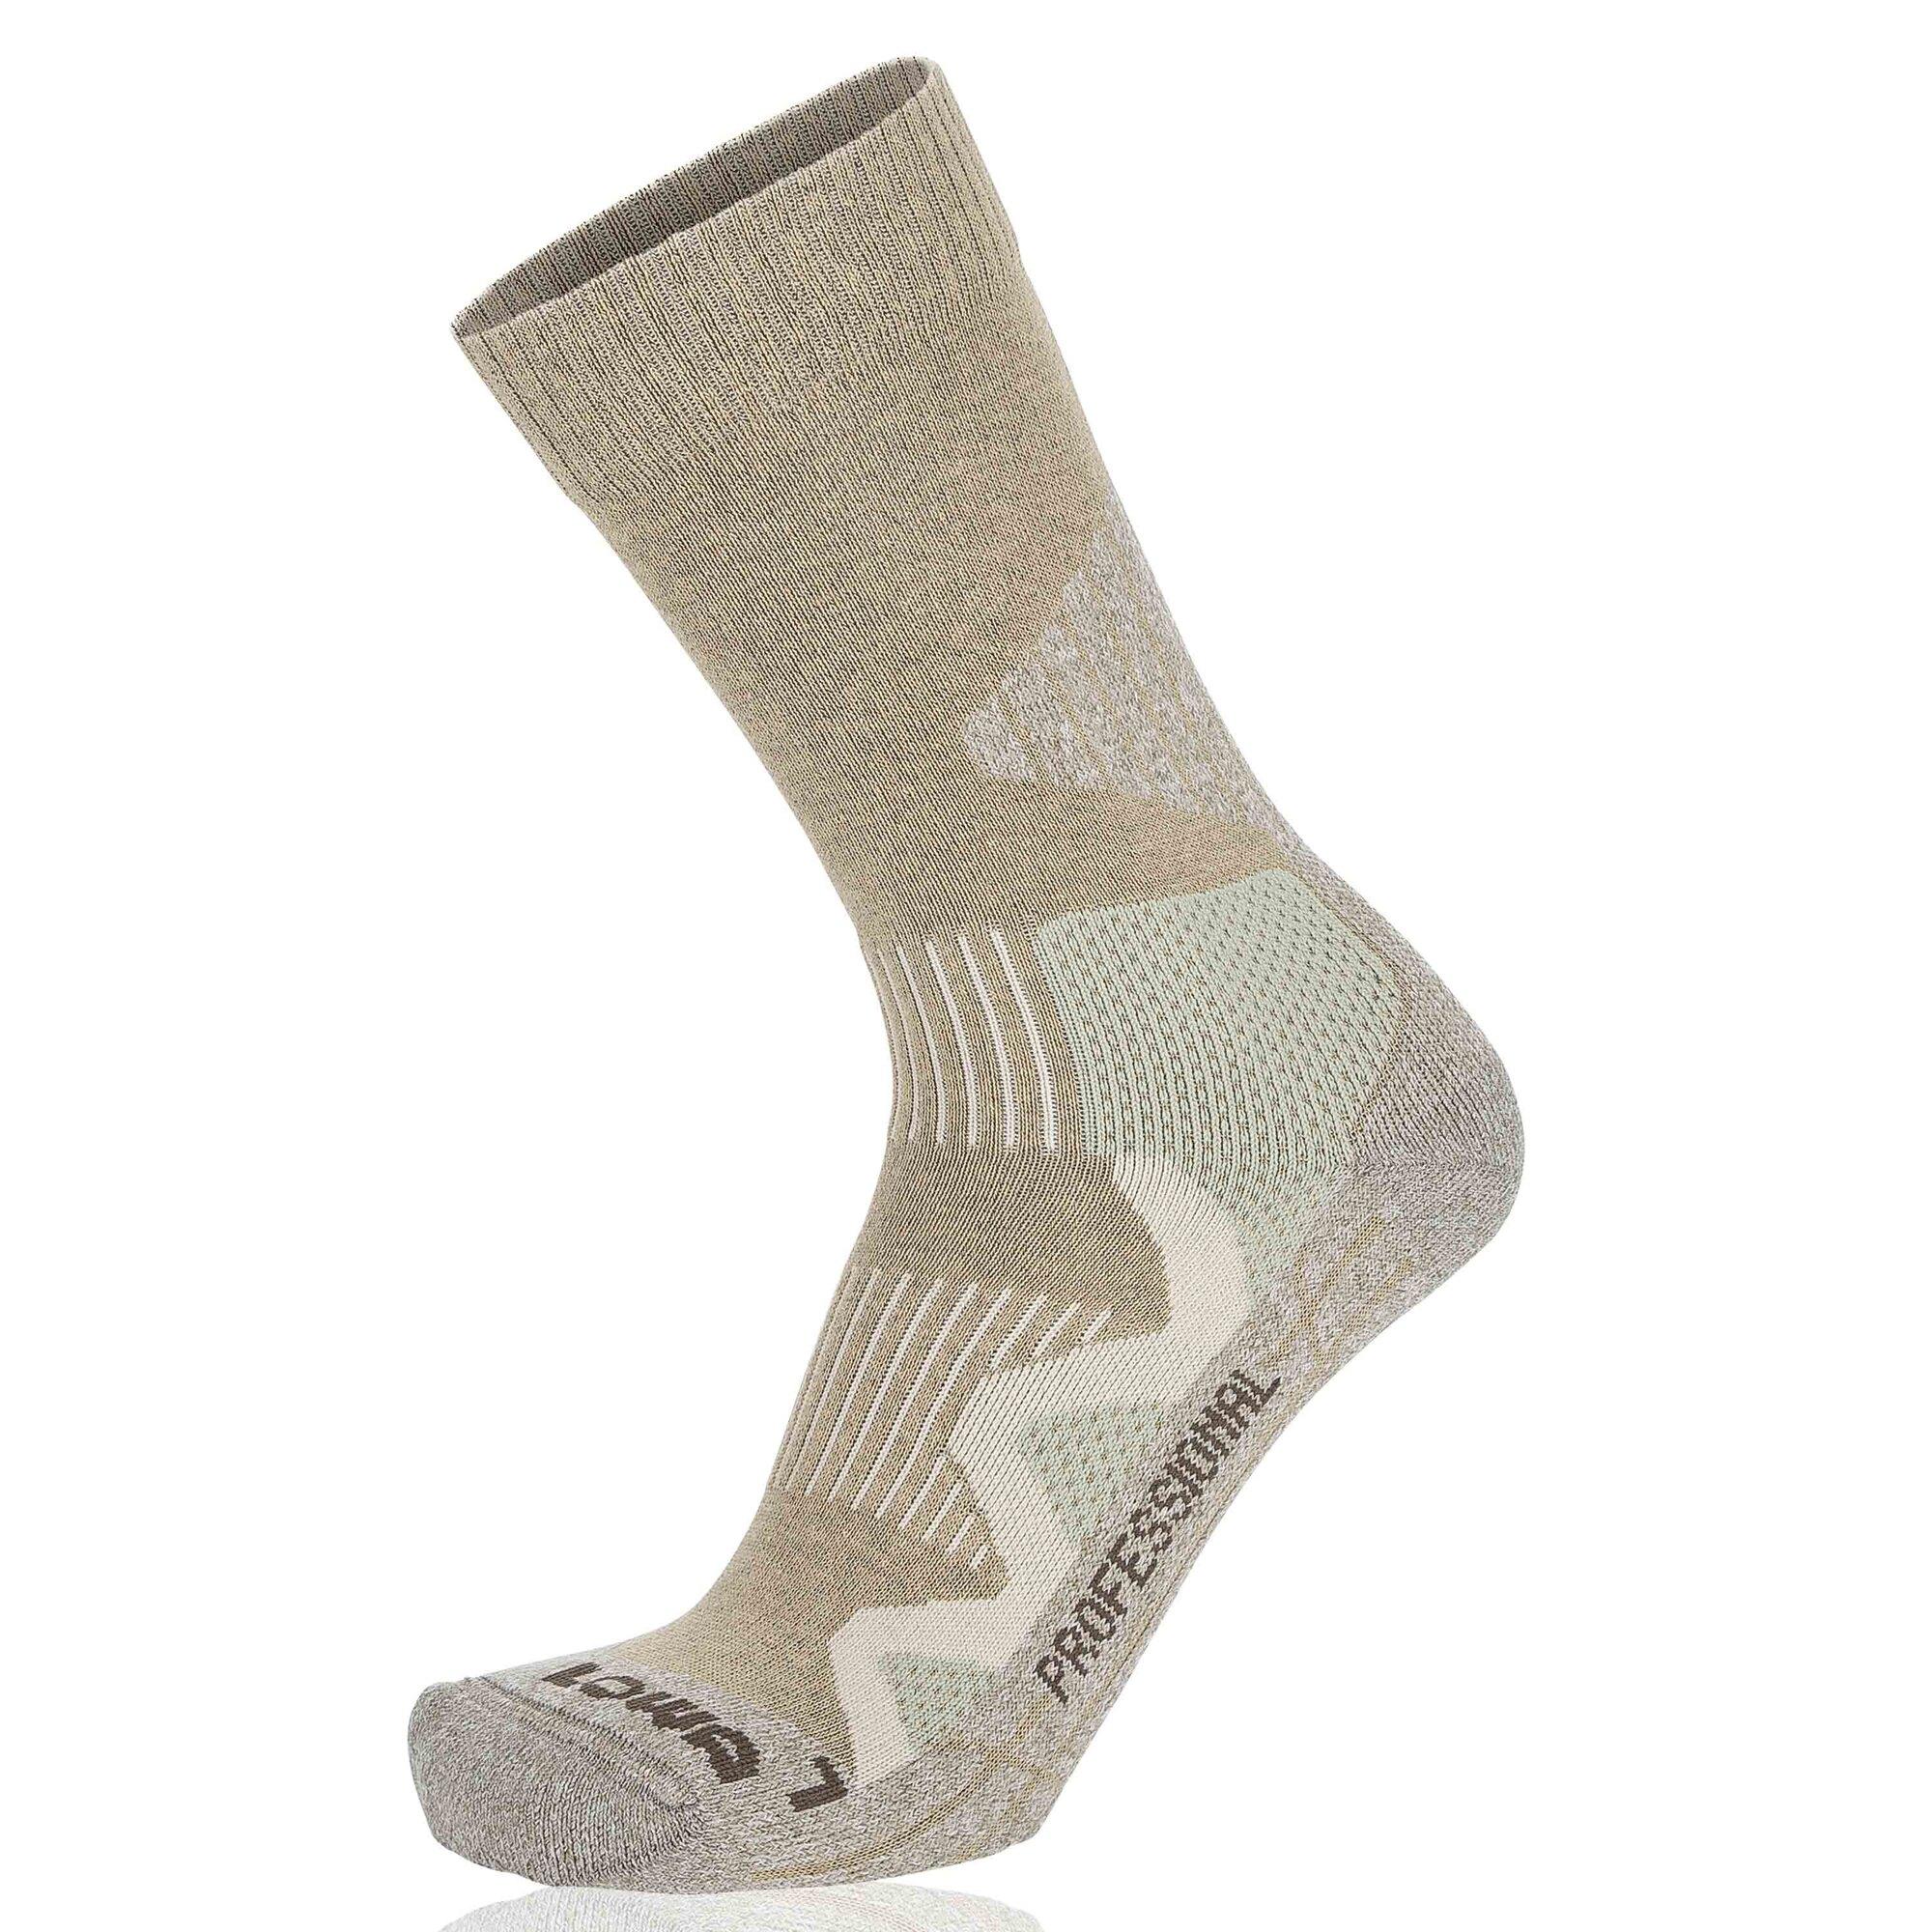 Ponožky 3 Season Pro Lowa® (Farba: Čierna, Veľkosť: 39-40)